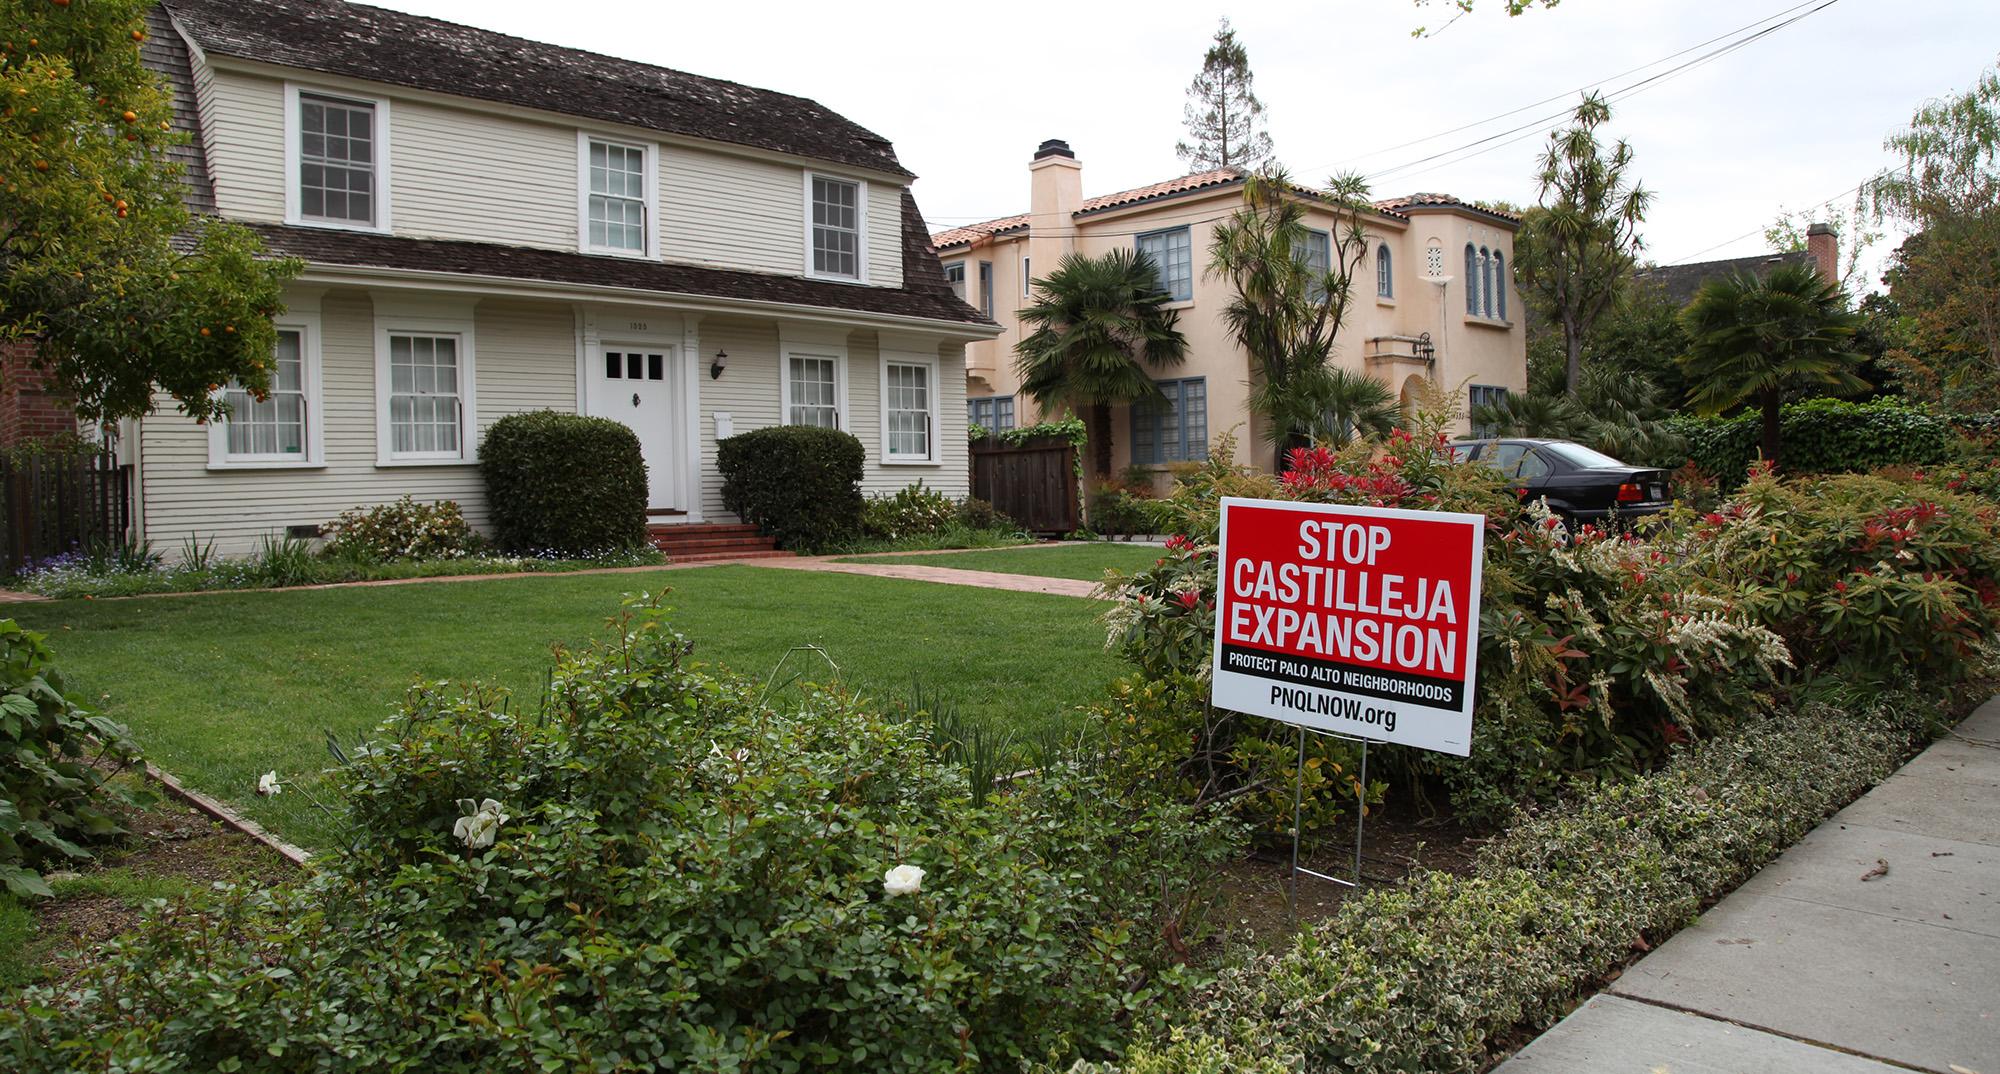 castilleja expansion irks neighbors